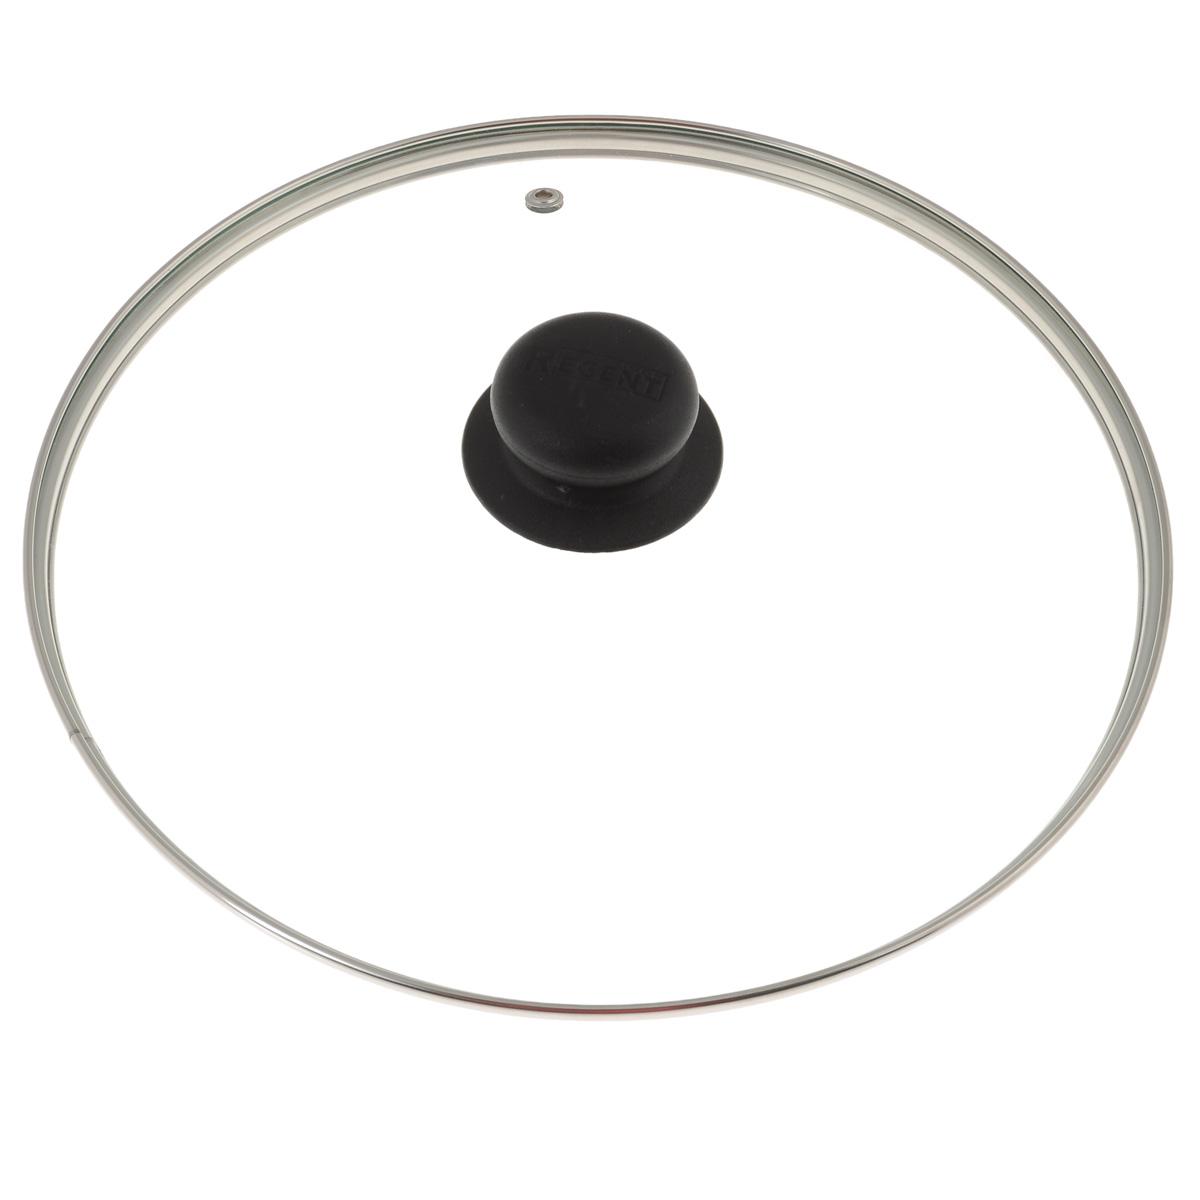 Крышка Regent Inox, стеклянная. Диаметр 26 см93-LID-01-26Крышка Regent Inox изготовлена из термостойкого стекла. Обод, выполненный из высококачественной нержавеющей стали, защищает крышку от повреждений, а ручка, выполненная из термостойкого пластика, защищает ваши руки от высоких температур. Крышка удобна в использовании, позволяет контролировать процесс приготовления пищи. Имеется отверстие для выпуска пара. Характеристики:Материал: стекло, нержавеющая сталь, пластик. Диаметр: 26 см. Размер упаковки: 26 см х 26 см х 6 см. Производитель:Италия. Артикул: 26.